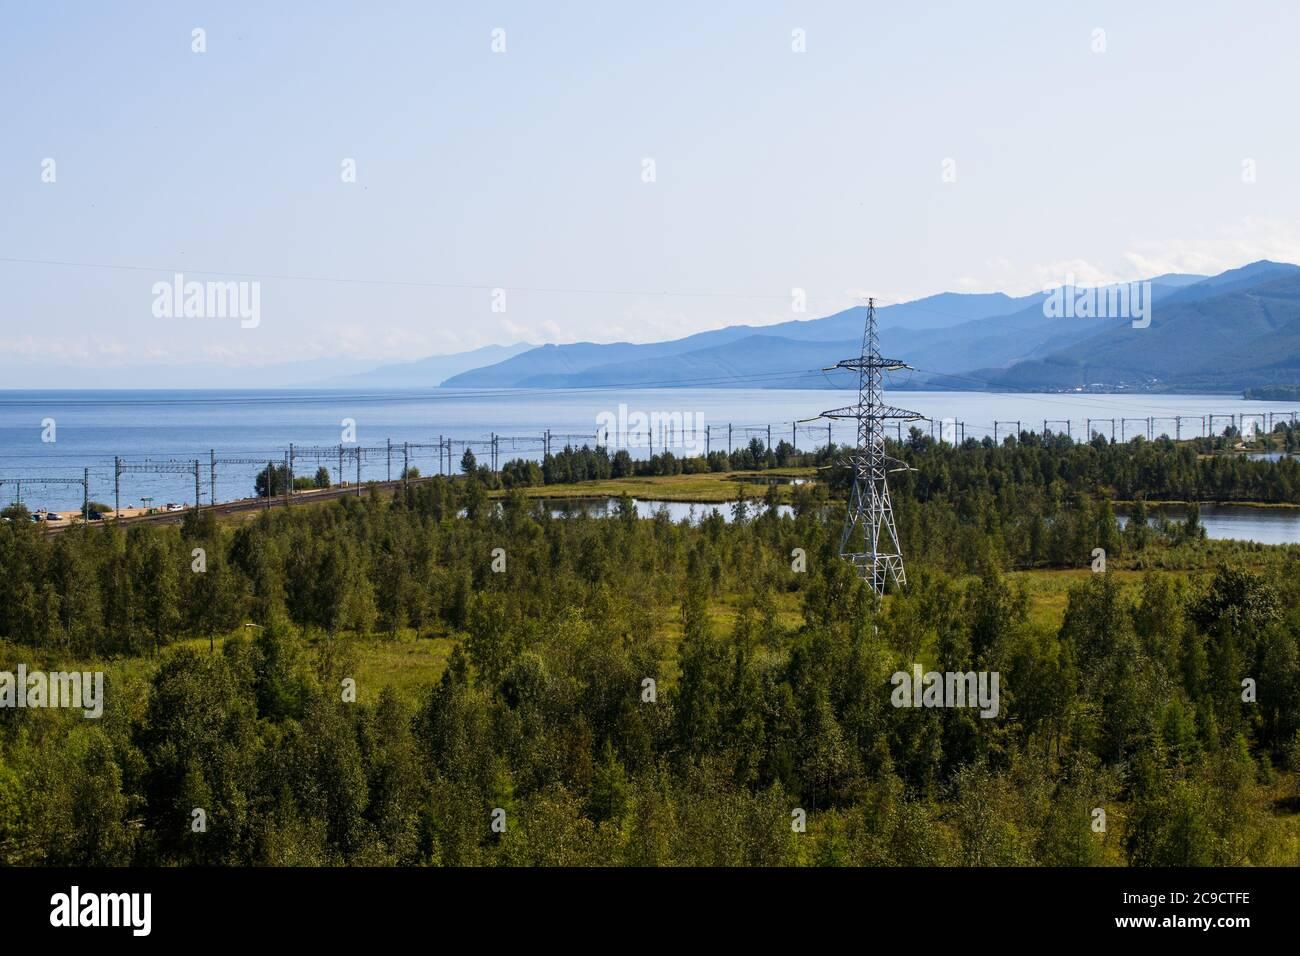 Vue sur la section du chemin de fer transsibérien près de la ville de Slyudyanka, région d'Irkoutsk, Russie. Lac Baikal. Banque D'Images